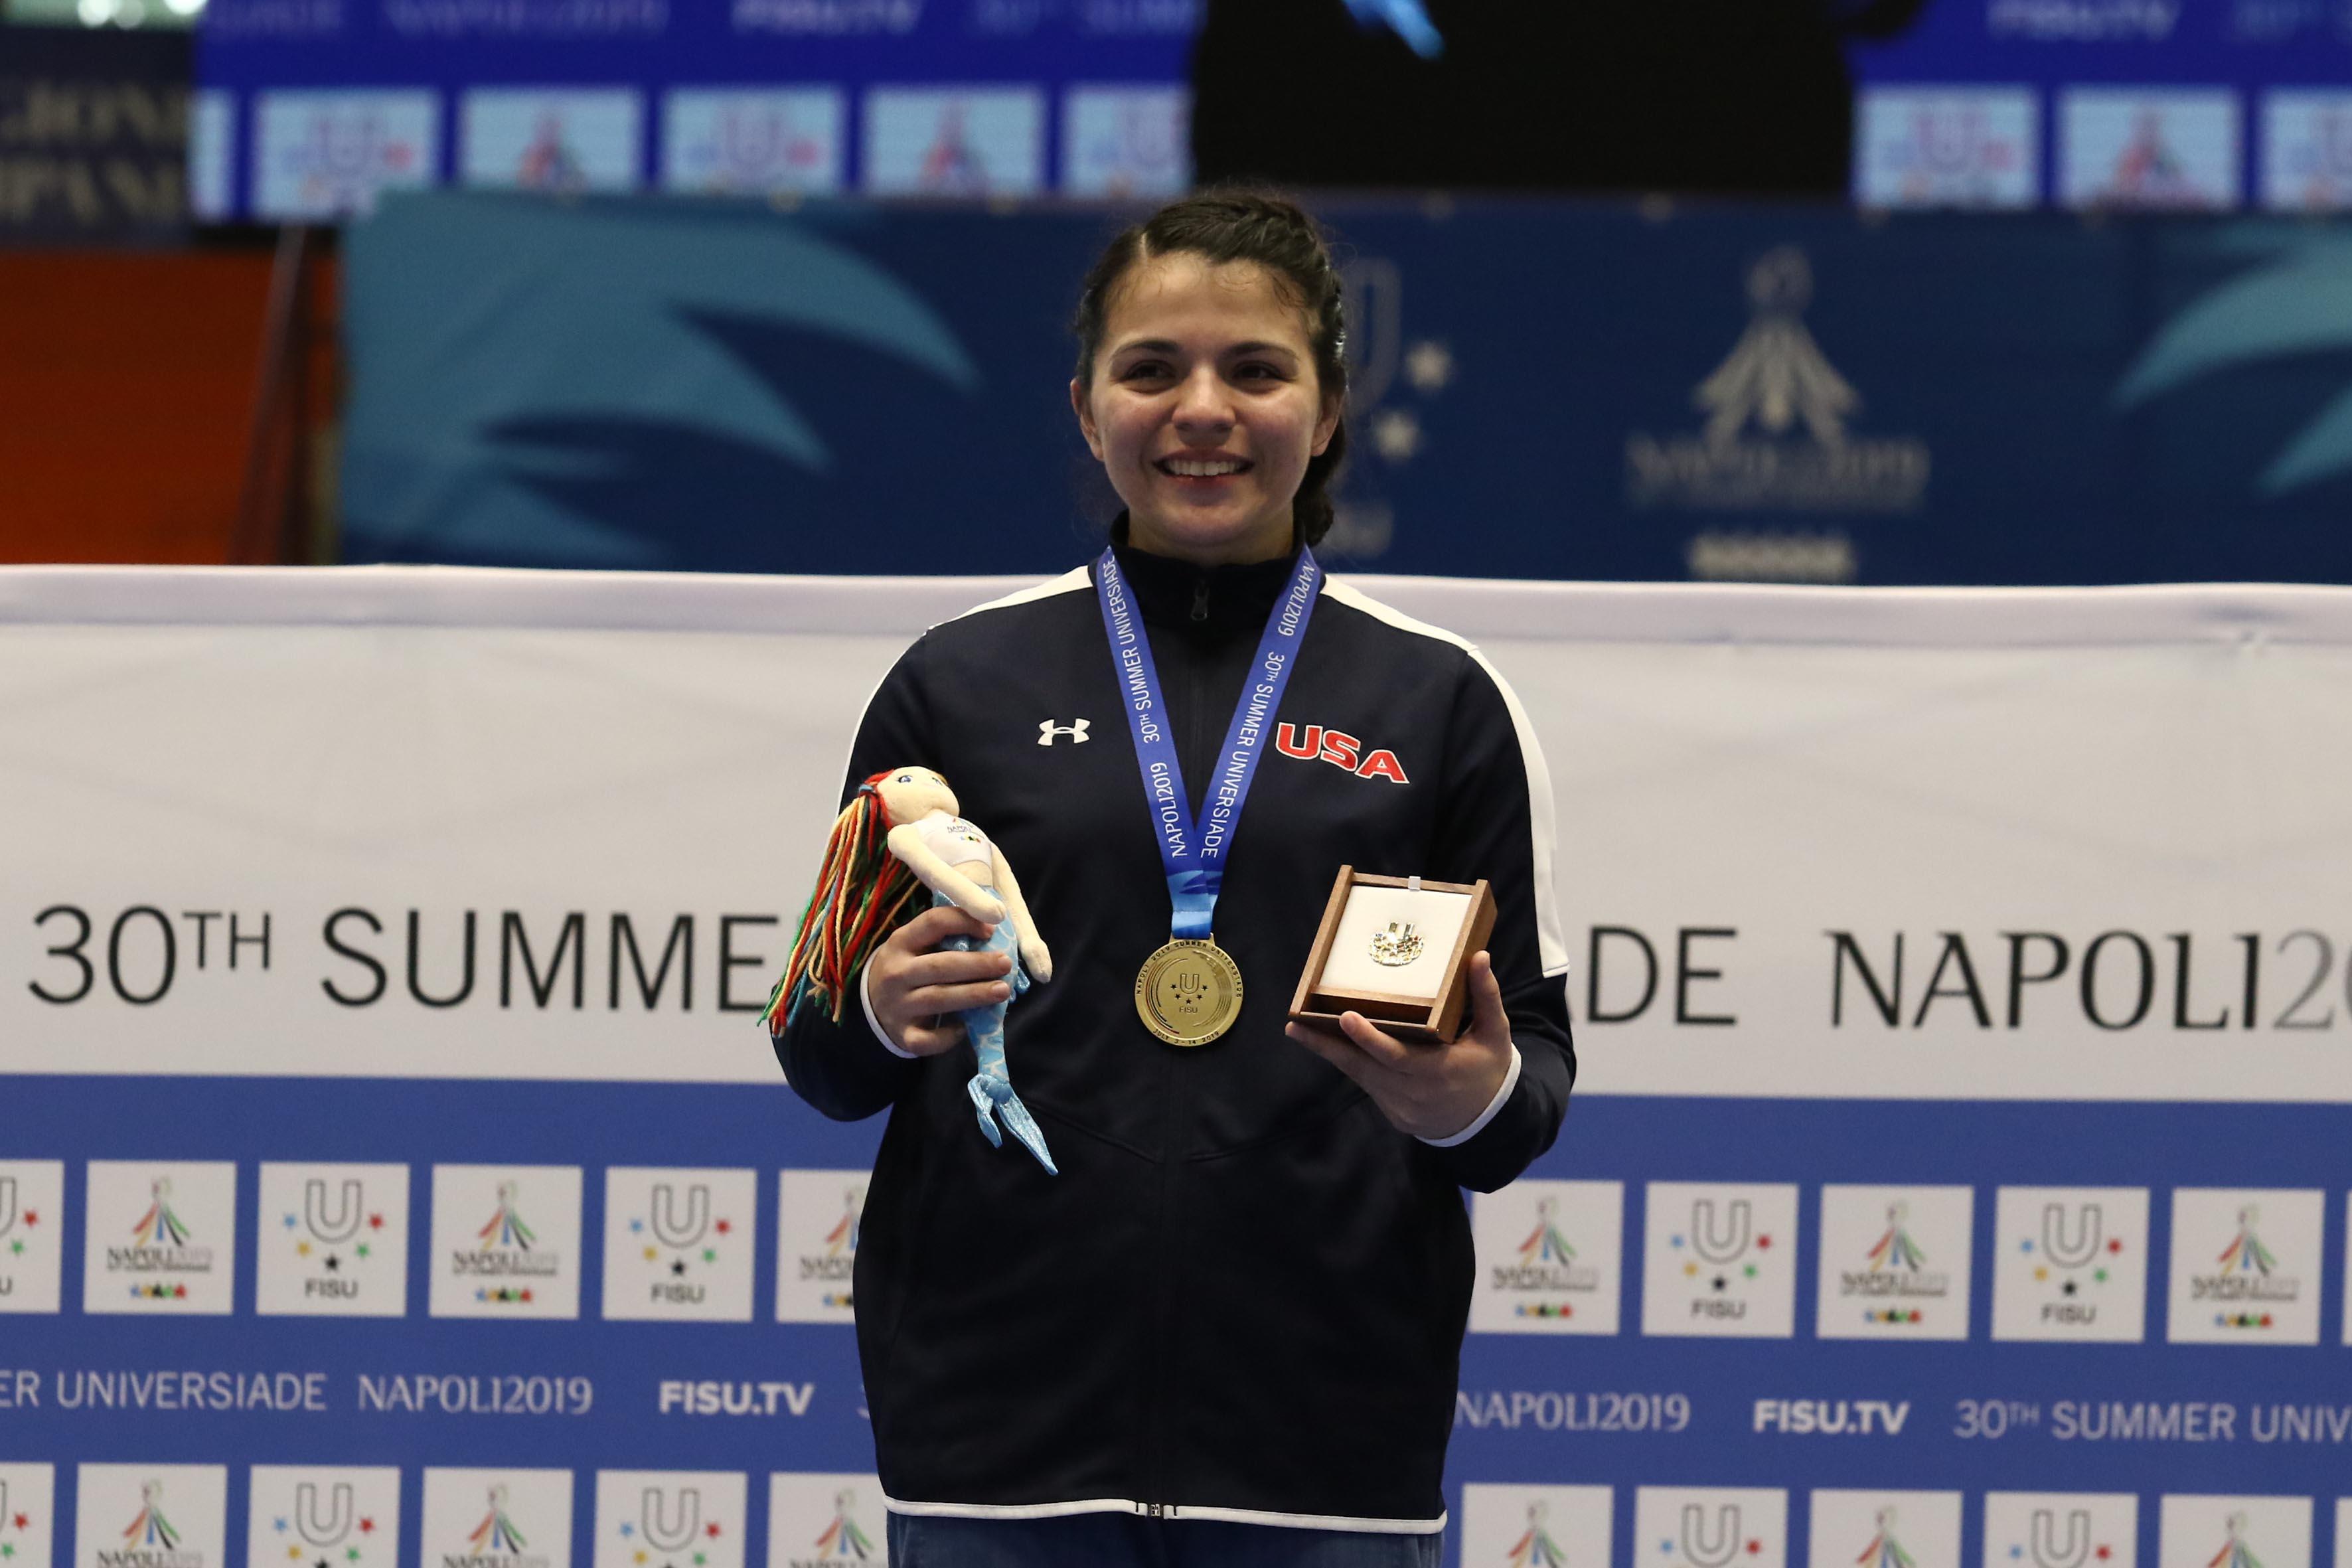 Pala Casoria Premiazione di Taekwondo Munoz Adalis J USA medaglia d'oro , Napoli 7 Luglio 2019 Photo pool fotografi Universiadi